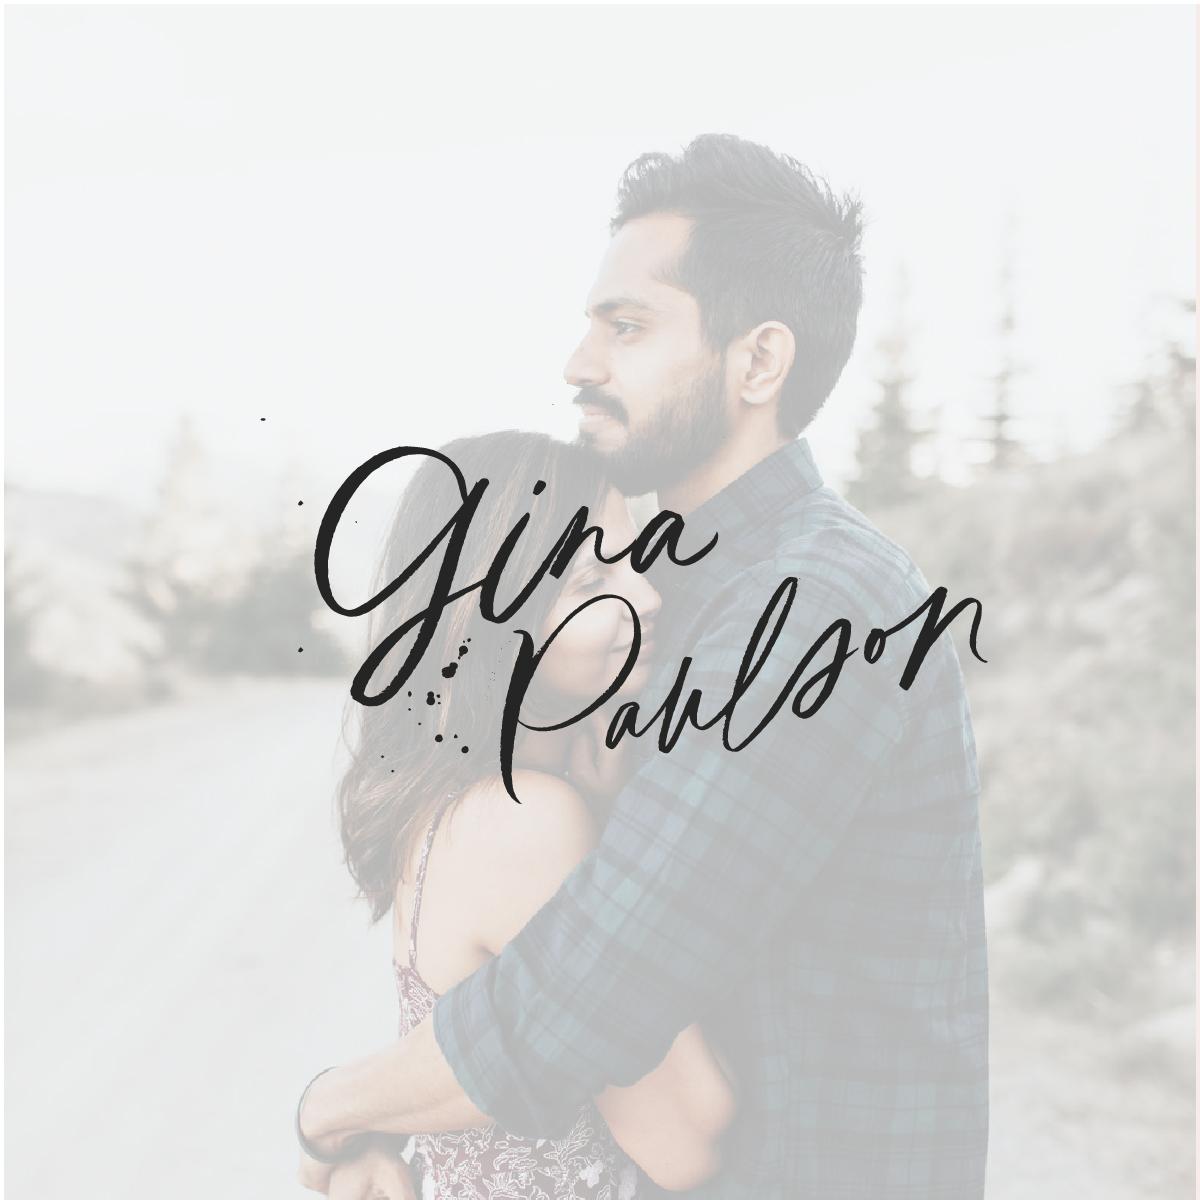 Gina Paulson Photo Overlay-06.jpg